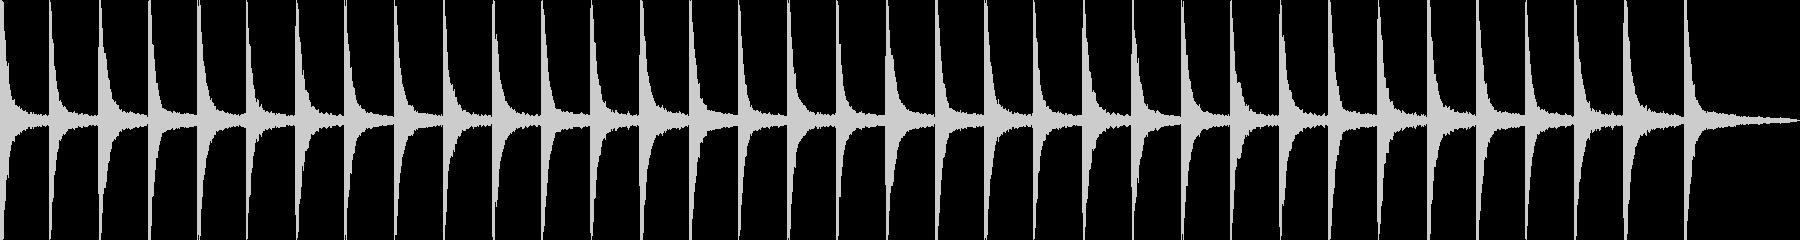 悲しげなピアノアンビエントの未再生の波形